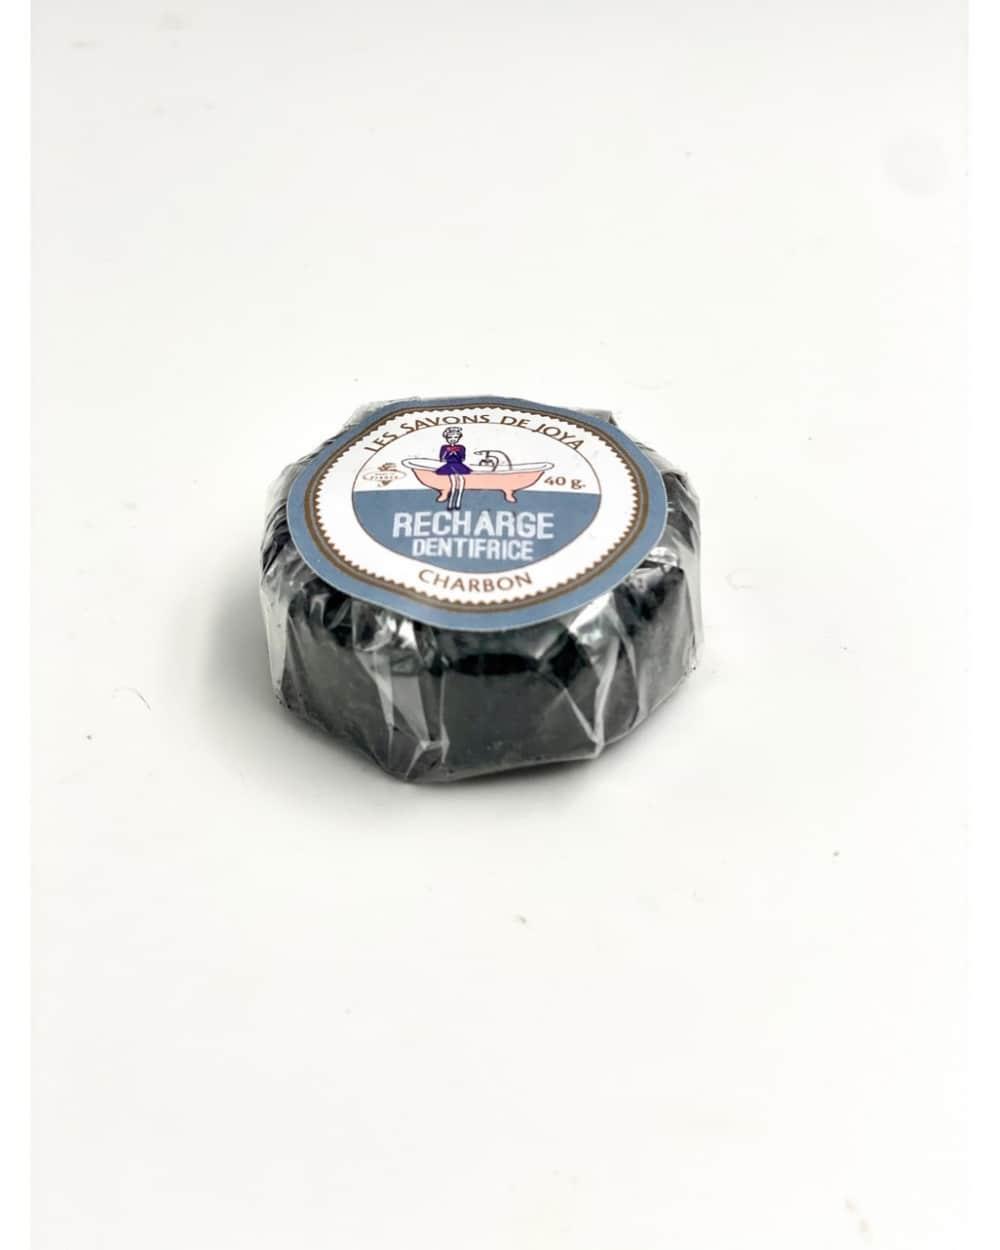 recharge-boite-de-dentifrice-solide-au-charbon-40-g-0f9